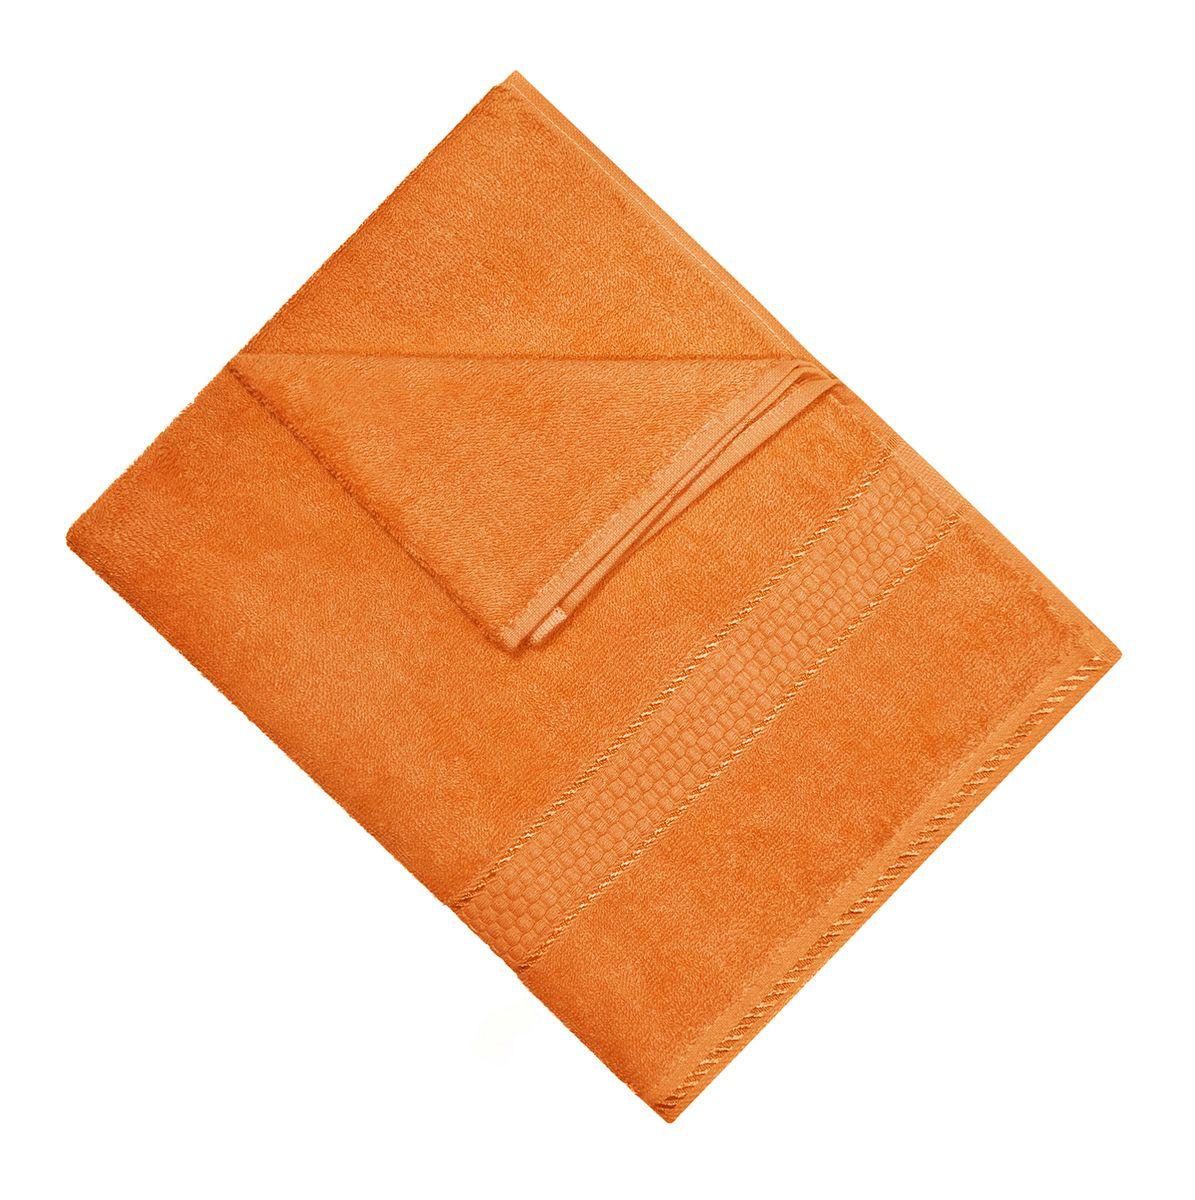 Полотенце махровое Osborn Textile, цвет: оранжевый, 50 х 90 см391602В состав полотенца Osborn Textile входит только натуральное волокно - хлопок. Лаконичные бордюры подойдут для любого интерьера ванной комнаты. Полотенце прекрасно впитывает влагу и быстро сохнет. При соблюдении рекомендаций по уходу не линяет и не теряет форму даже после многократных стирок. Плотность: 450 г/м2.